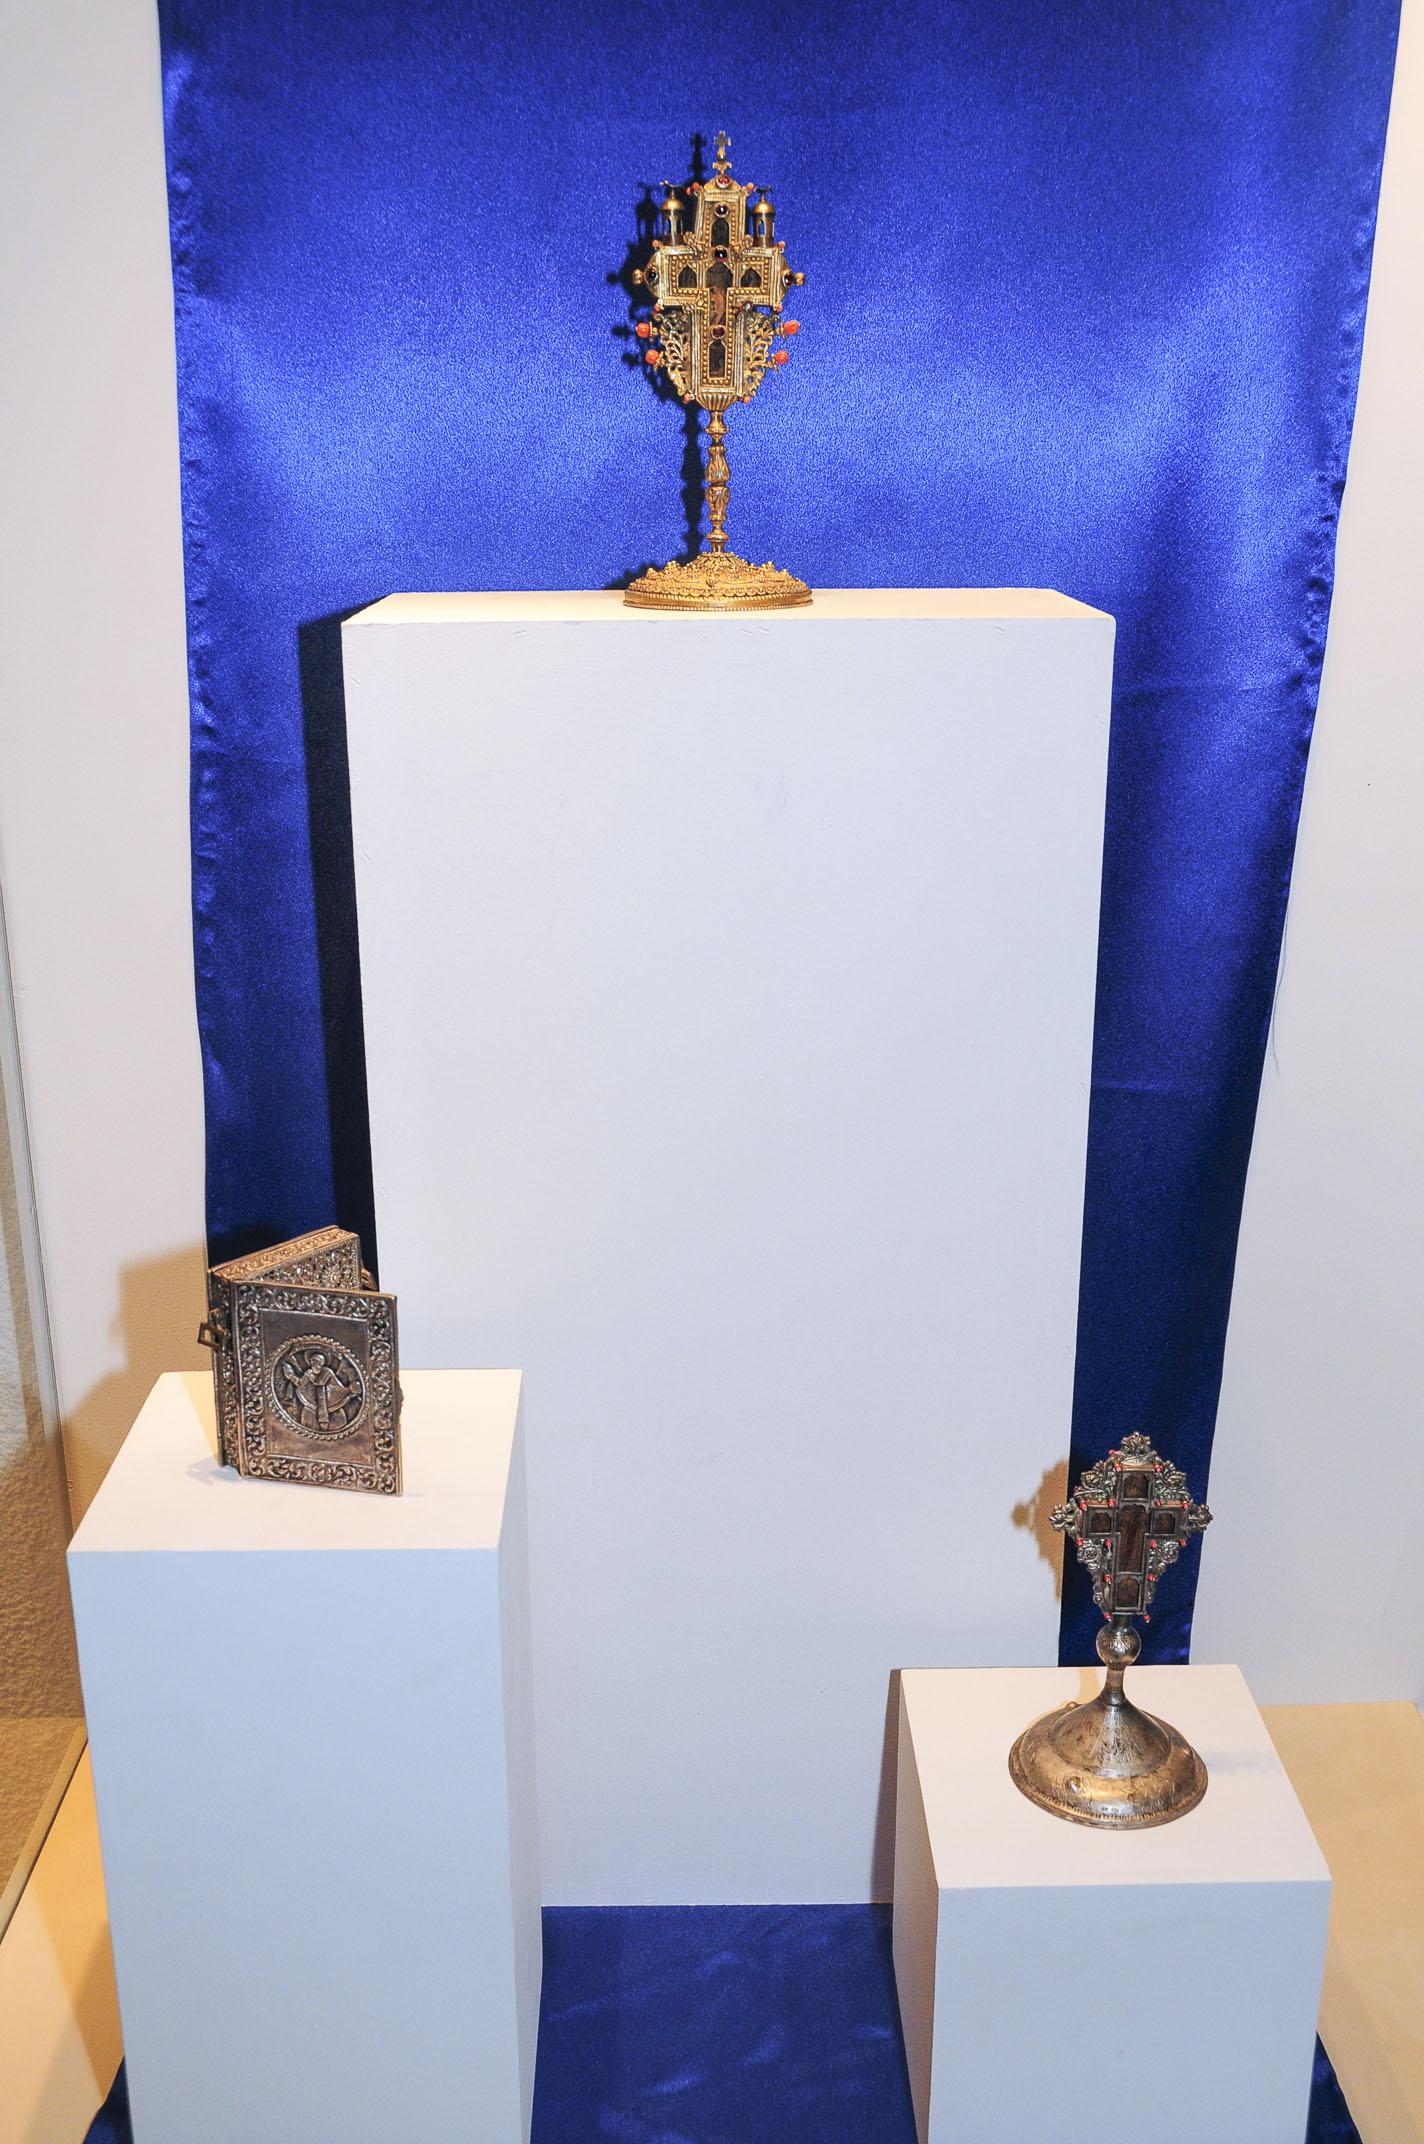 troyan-museum-bylgarsko-zlatarsko-izkustvo-43